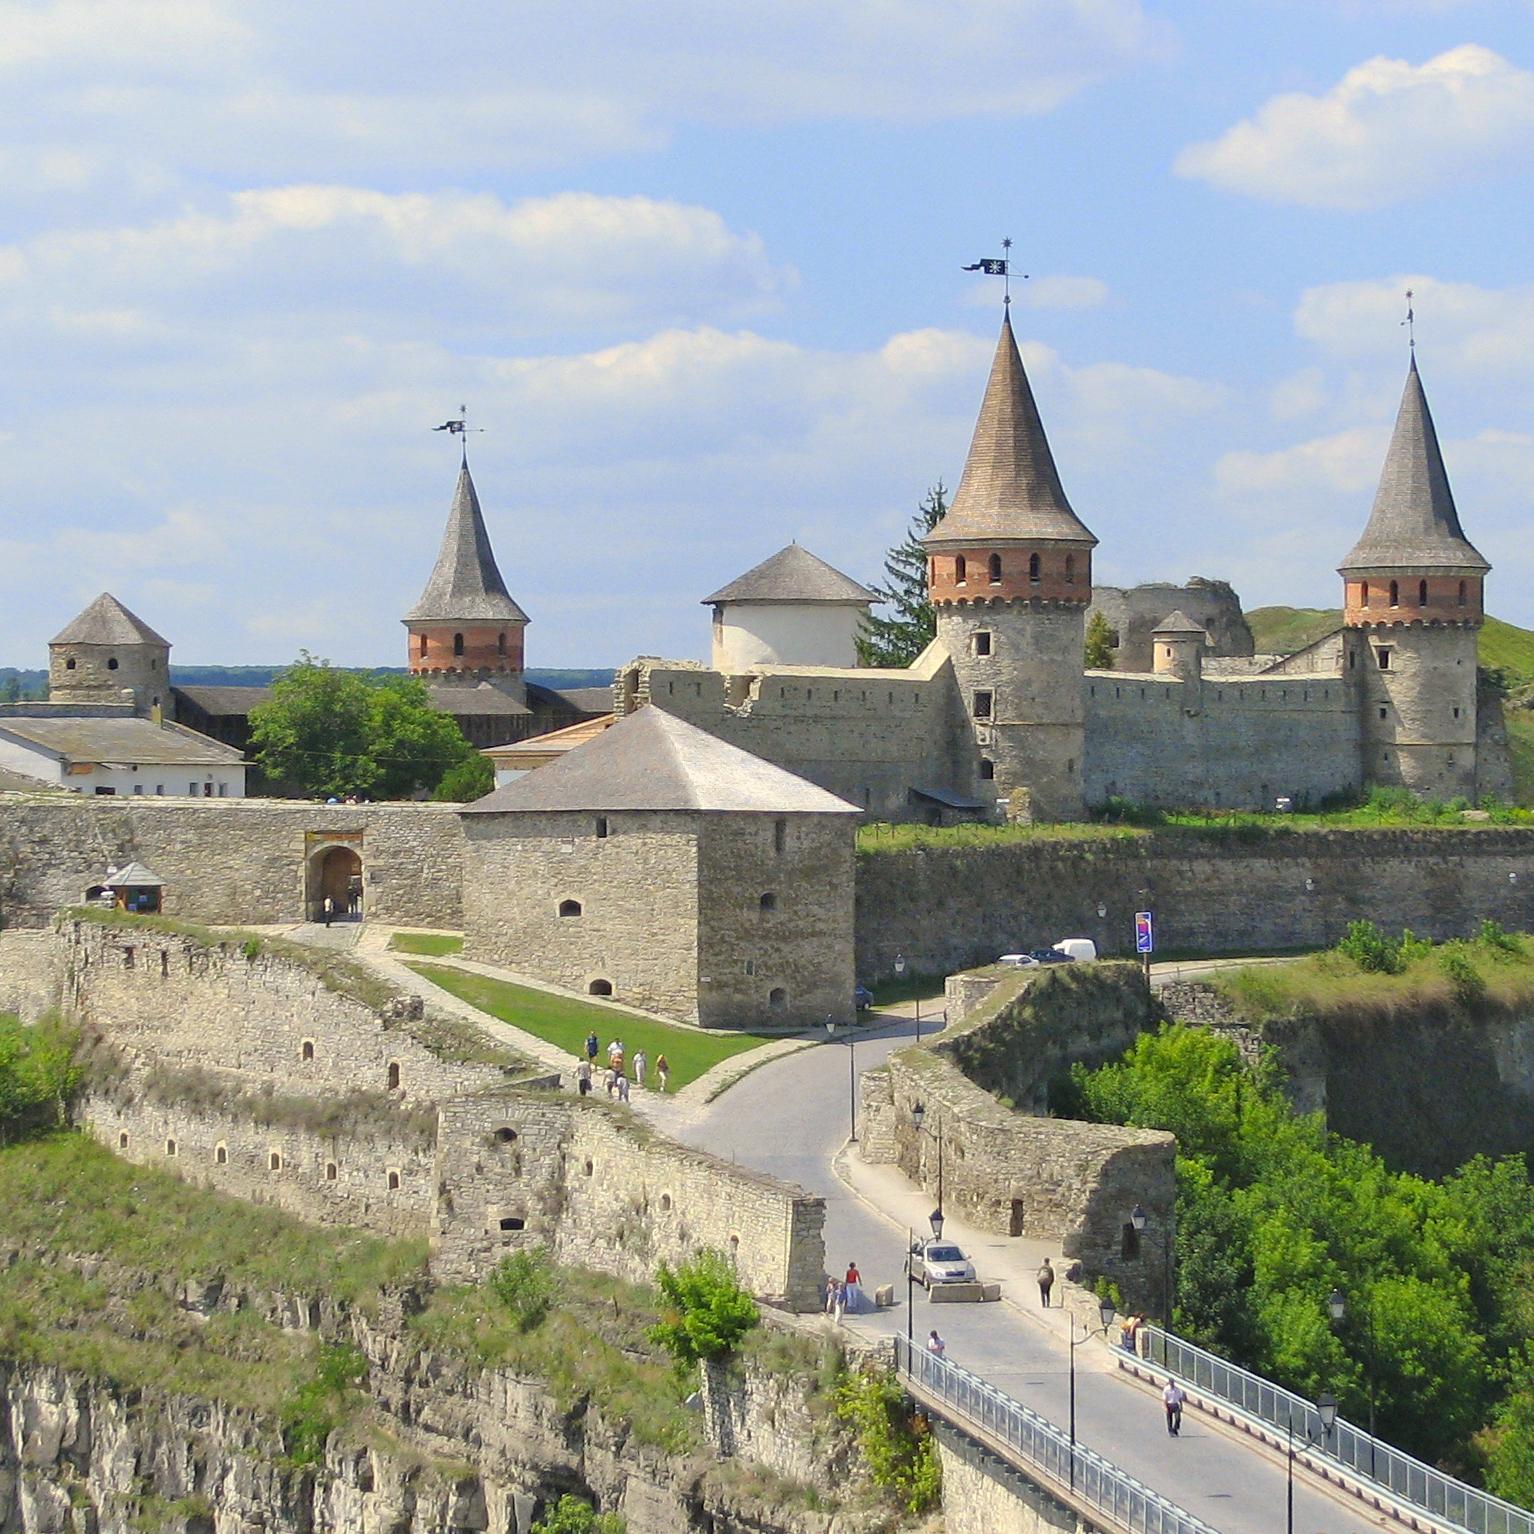 Twierdza w Kamieńcu Podolskim. Widok z 2007 roku.